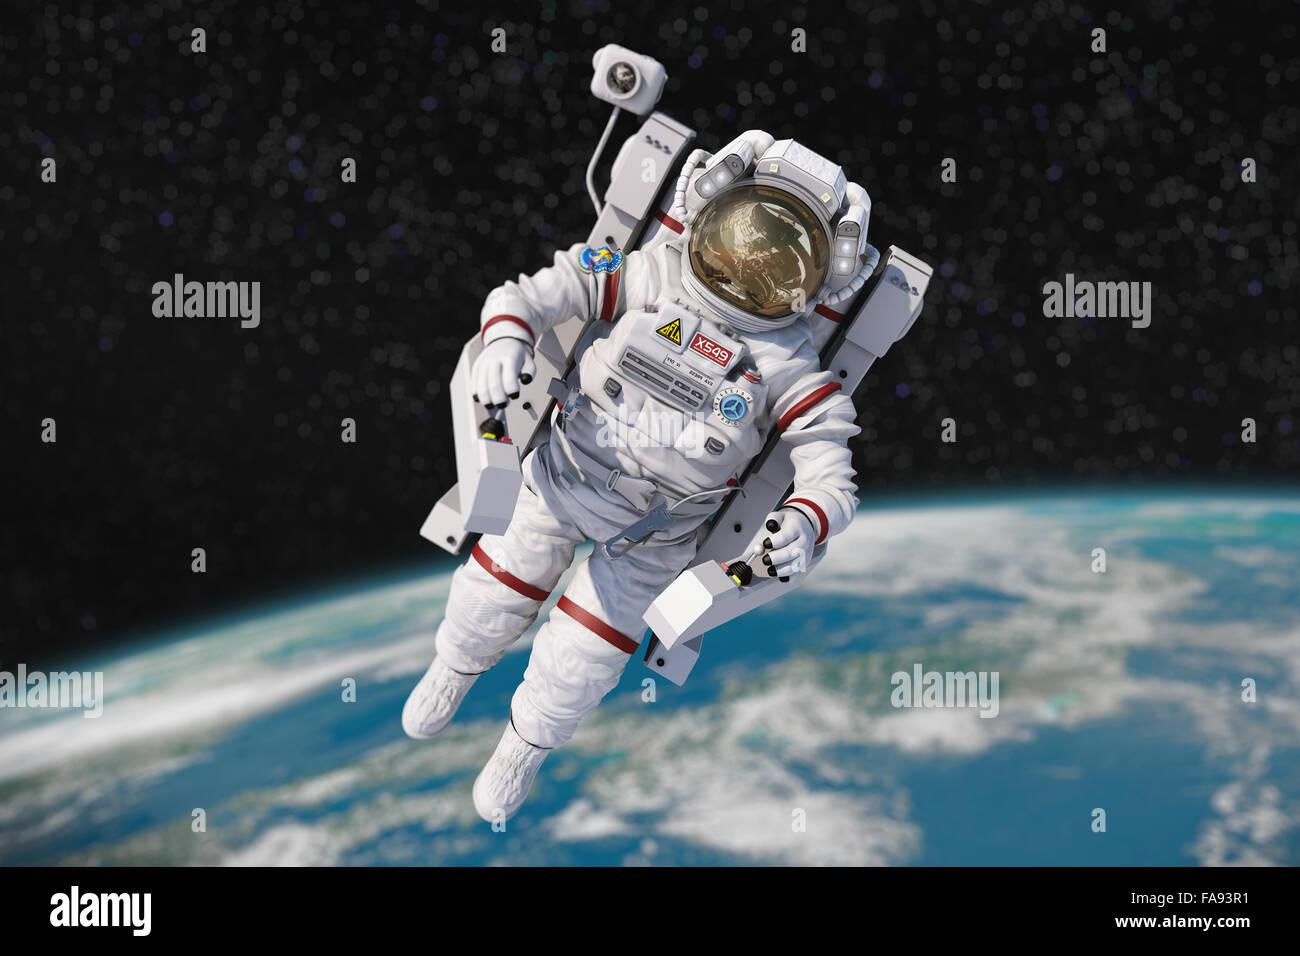 Astronauta Flotando En El Espacio Exterior: Astronauta Imágenes De Stock & Astronauta Fotos De Stock